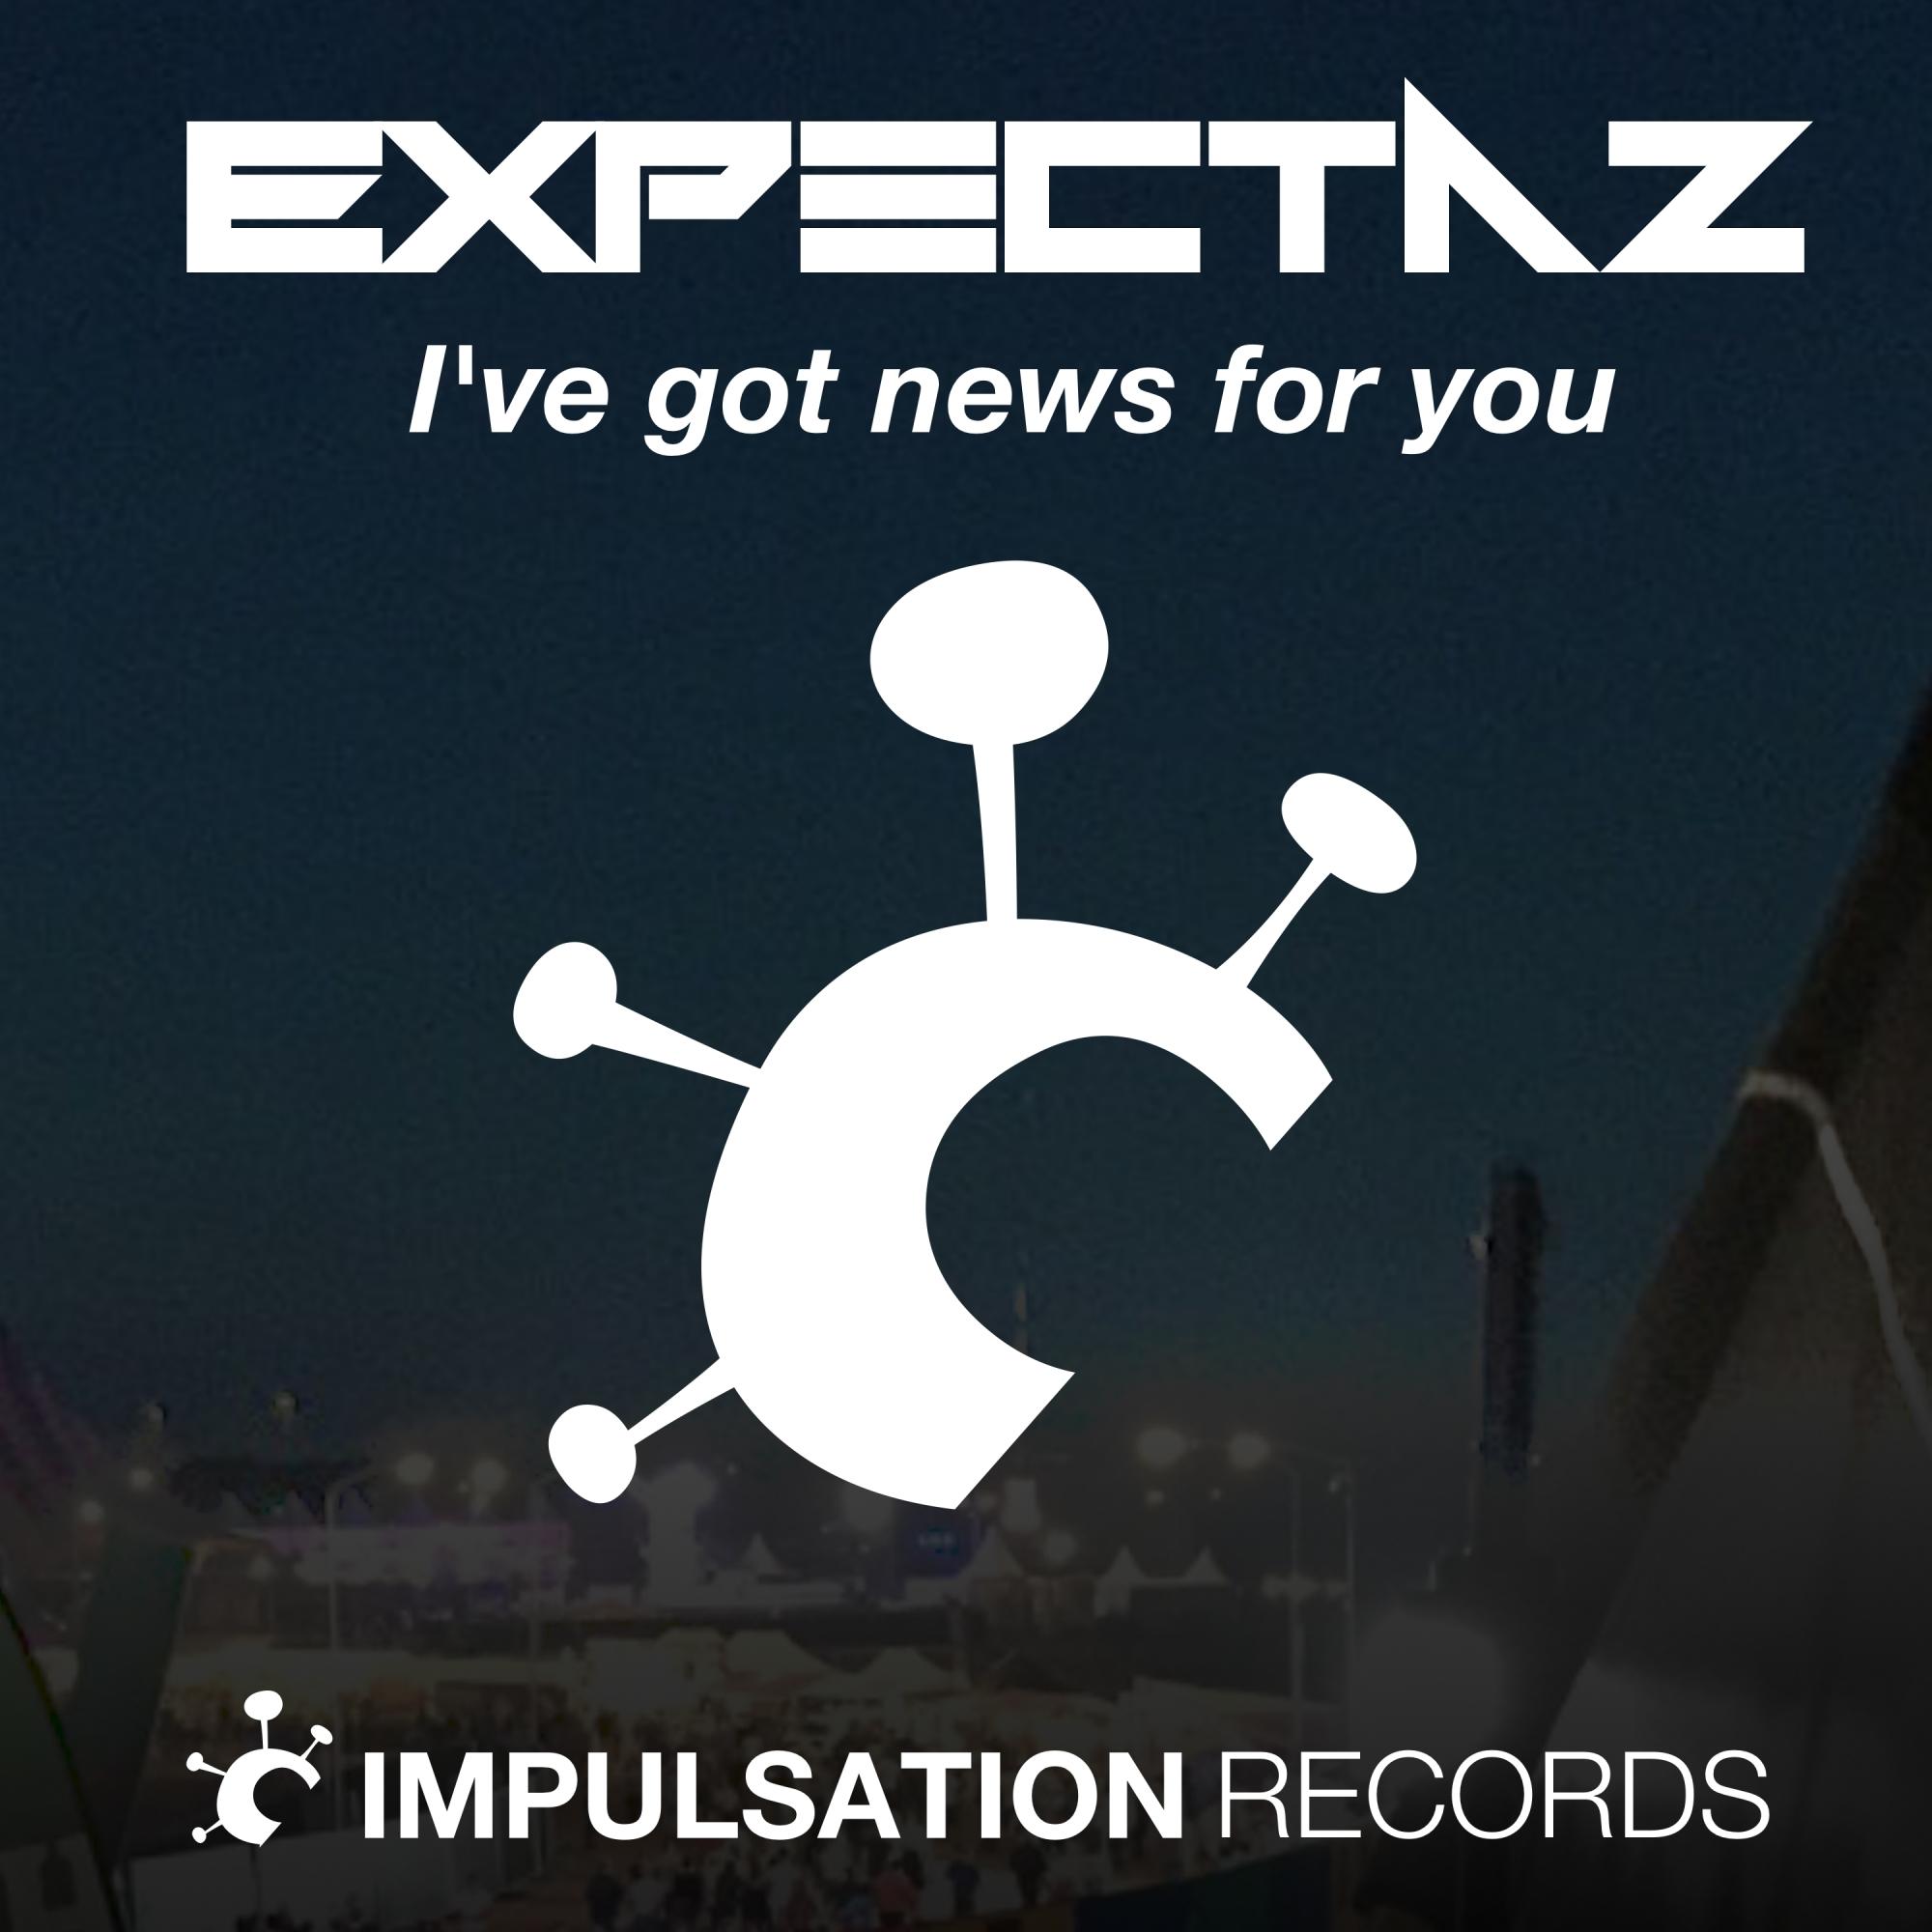 I've got news for you